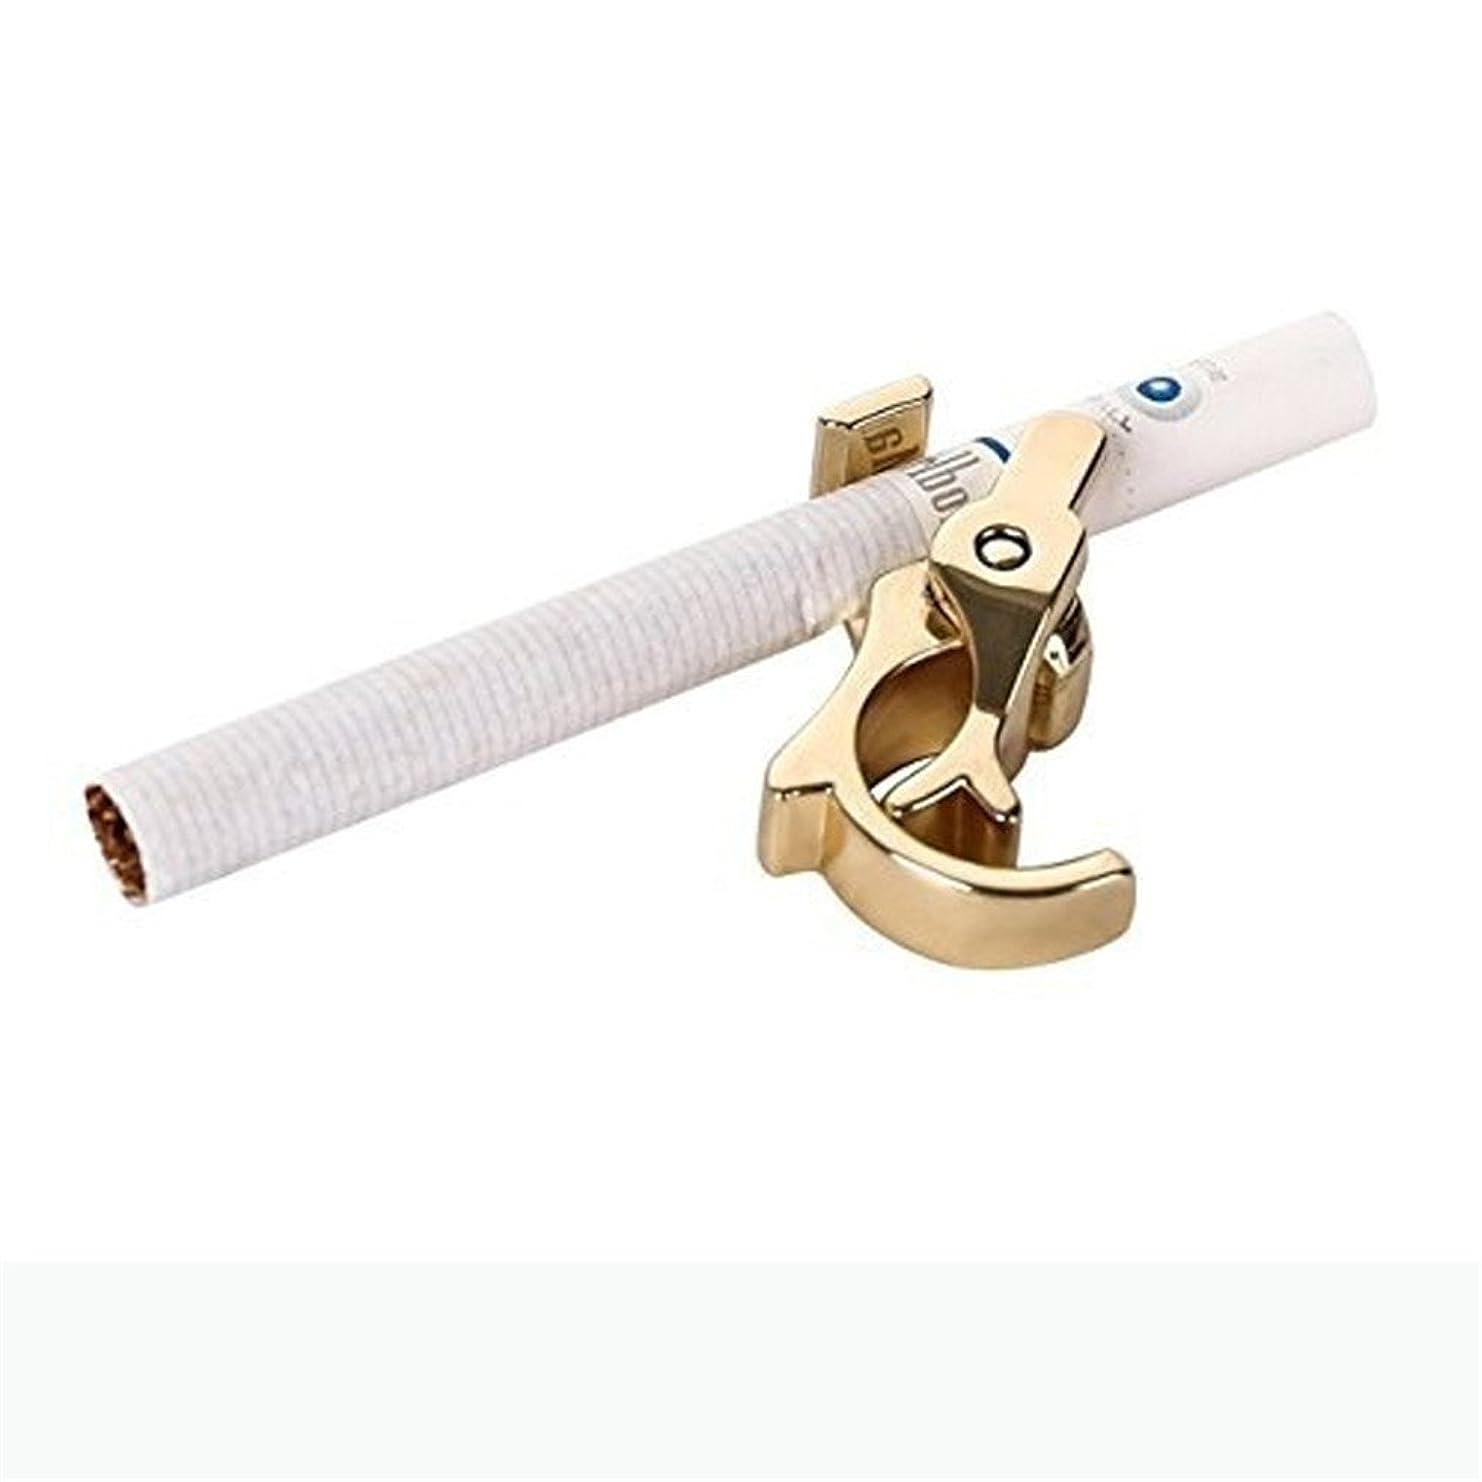 消費水銀の勉強するHKUN シガレット ラック 男女兼用 指輪型 ハンズフリー 喫煙 クリップラック 1ハンド操作 耐久性のある ,ゴールド